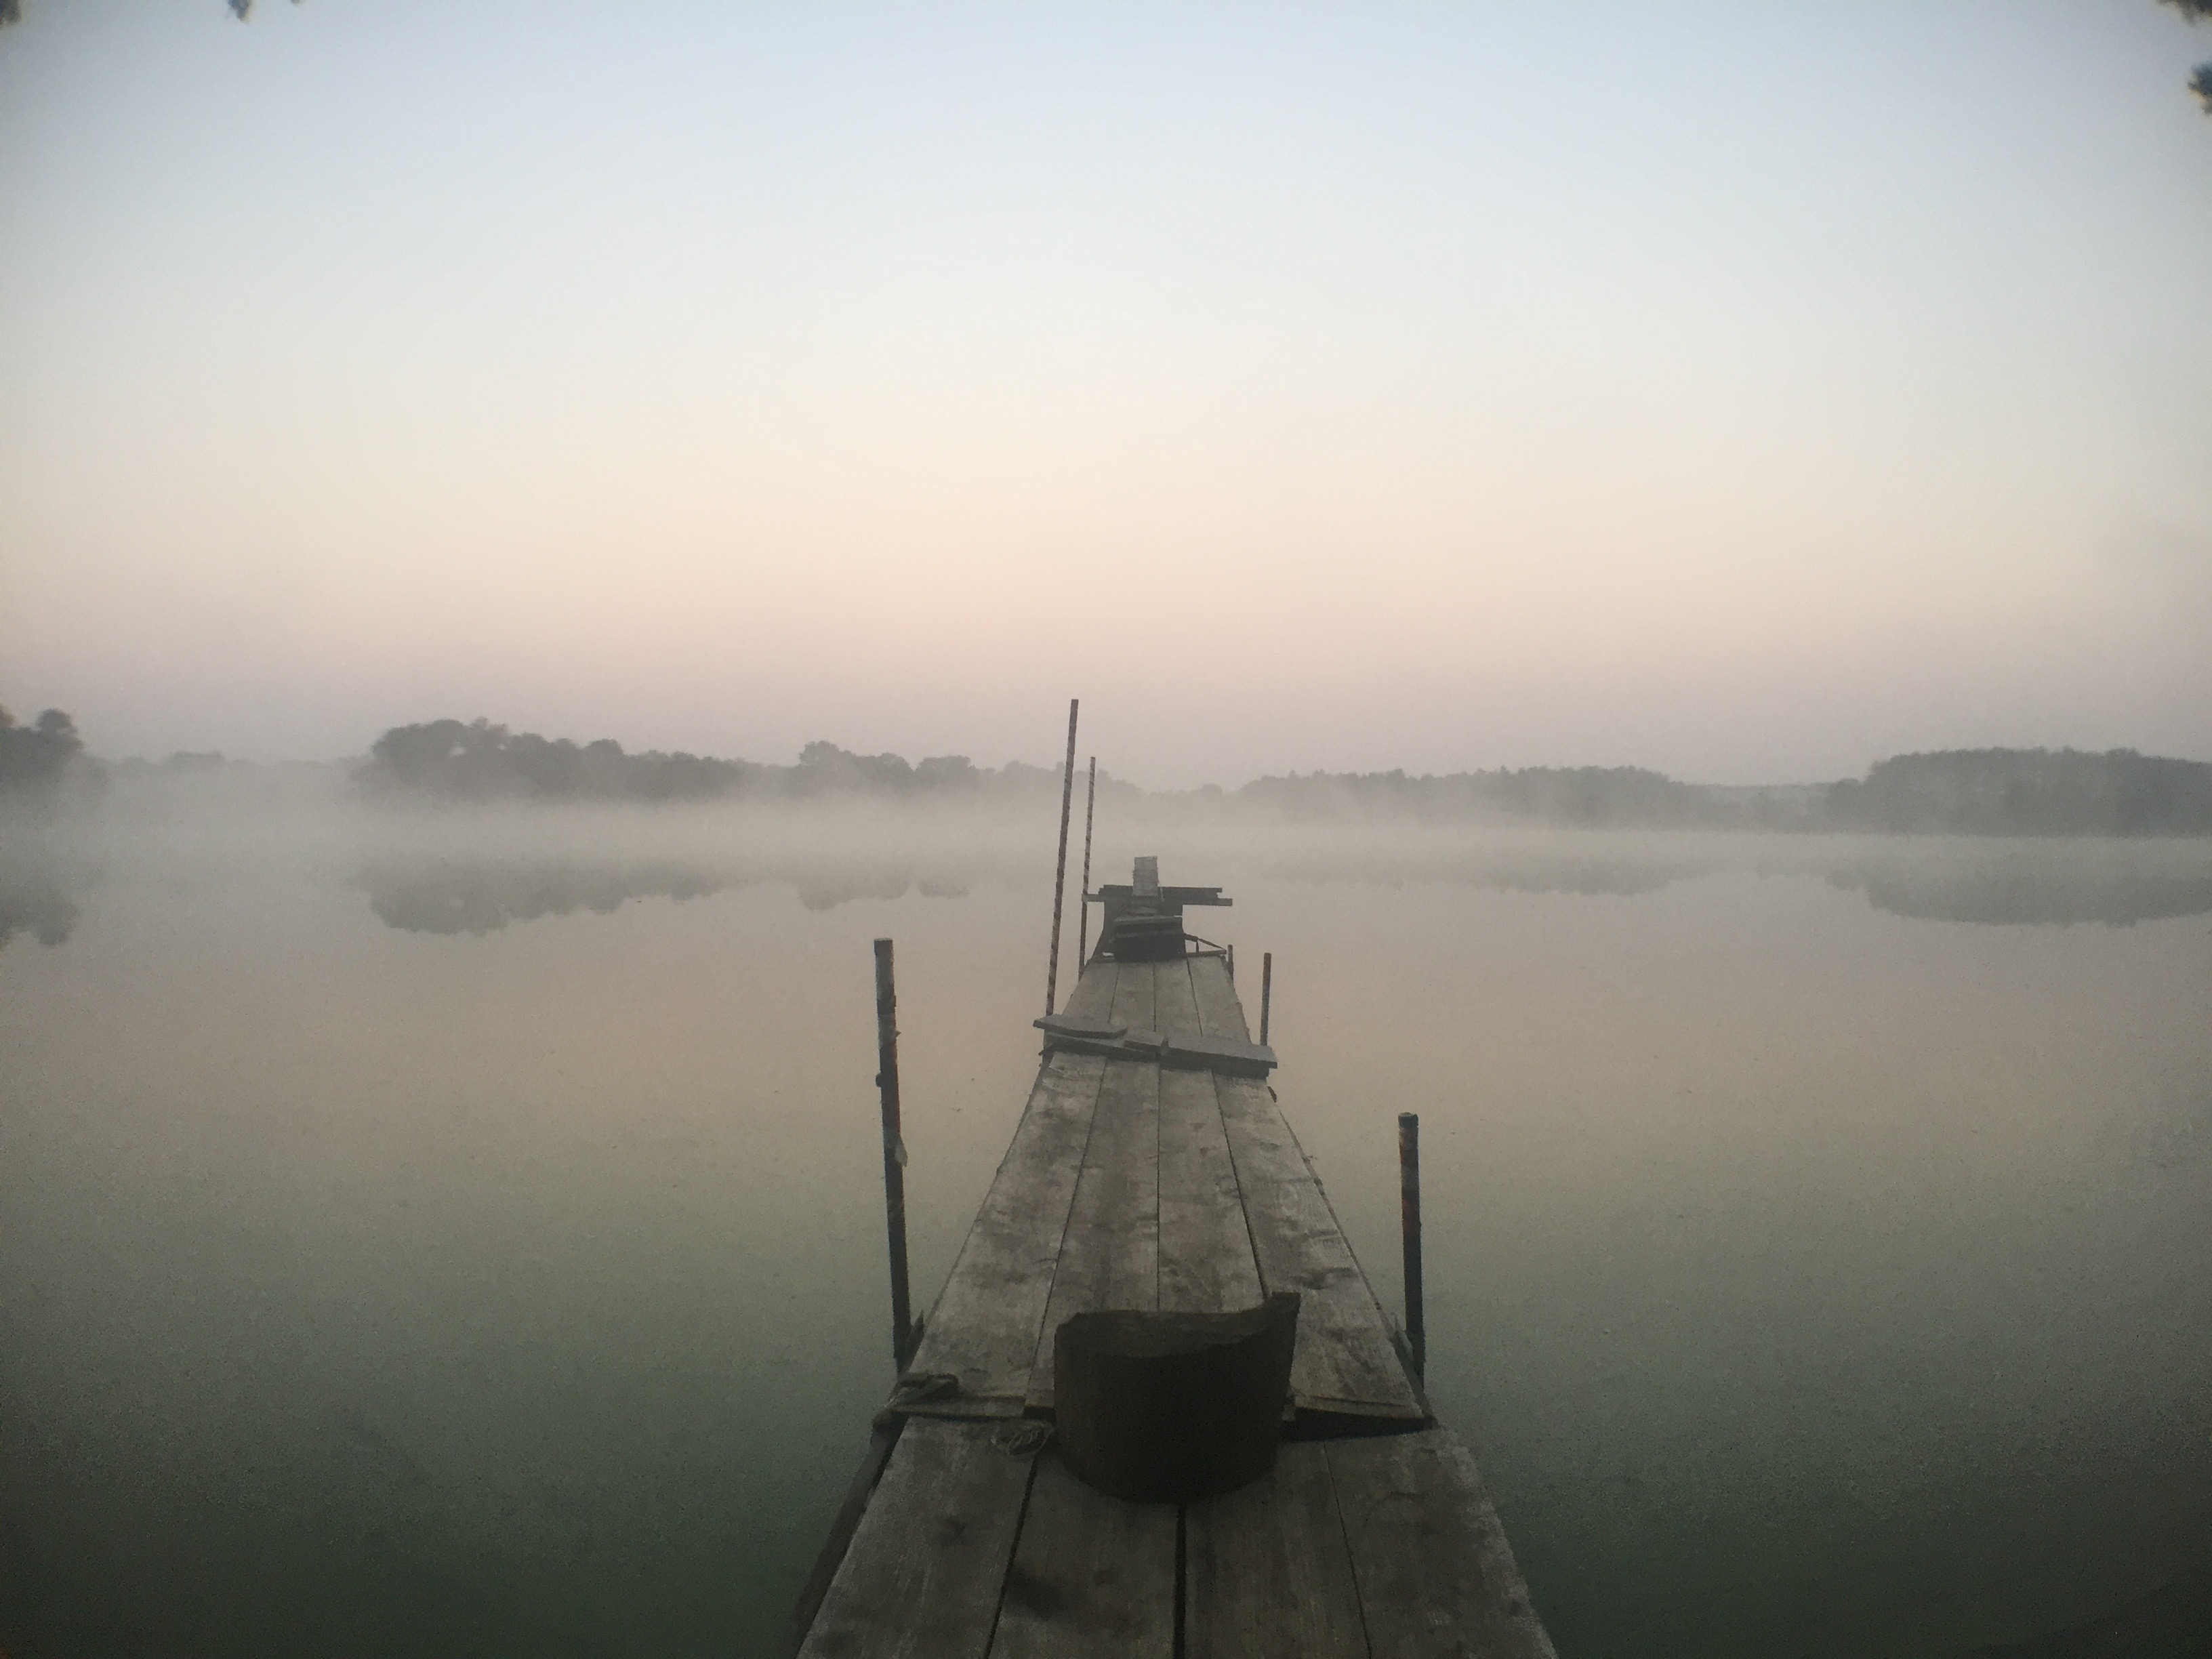 Mudd Lake - Oceola, Wisc.